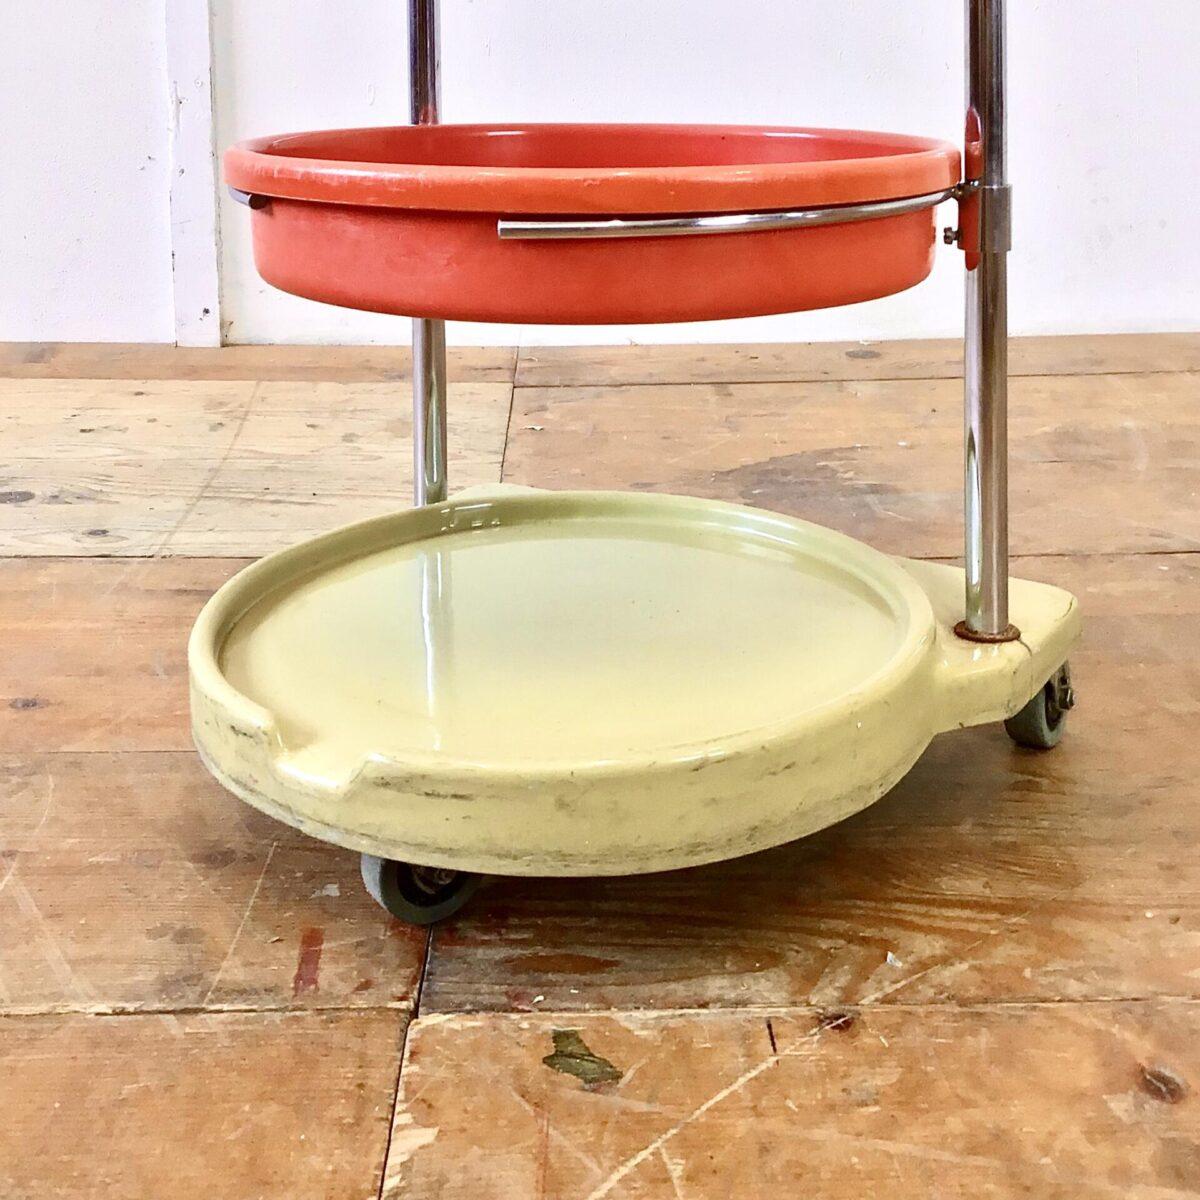 Rundes Metall Regal auf Rollen mit höhenverstellbaren Kunststoff Schalen. Durchmesser 37cm Höhe 89cm. Der Rollwagen stammt wohl ursprünglich aus einem Coiffeure Geschäft, eignet sich aber super als Badezimmer Regal, oder für den täglichen Krimskrams.